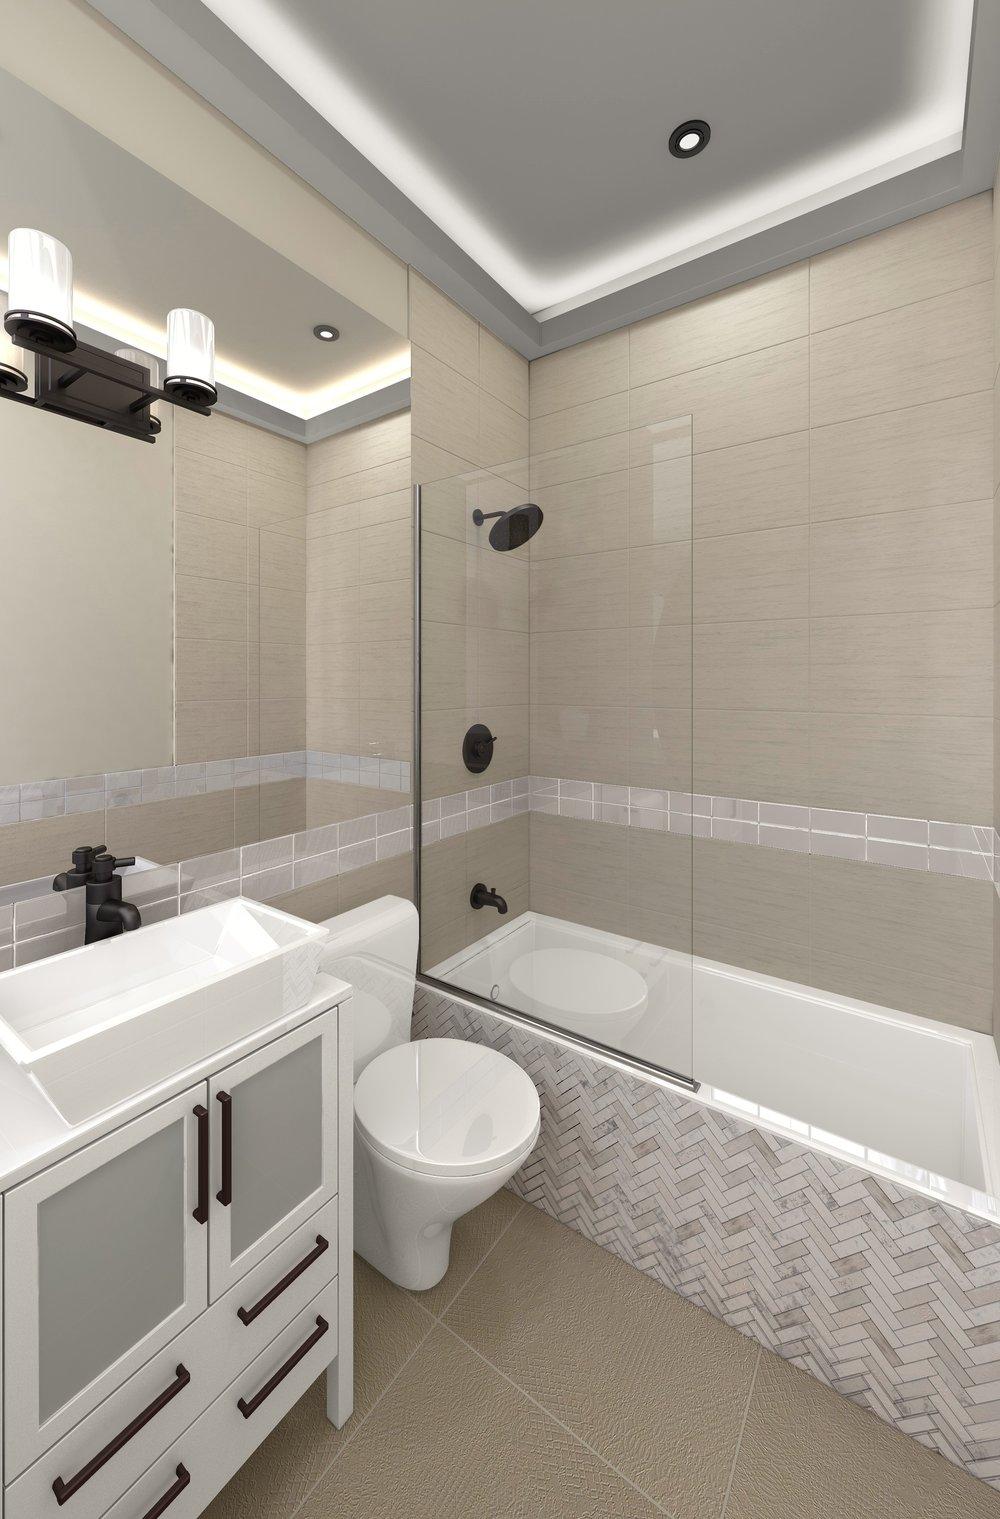 533 Bath Rendering View 1 09.09.15.jpg